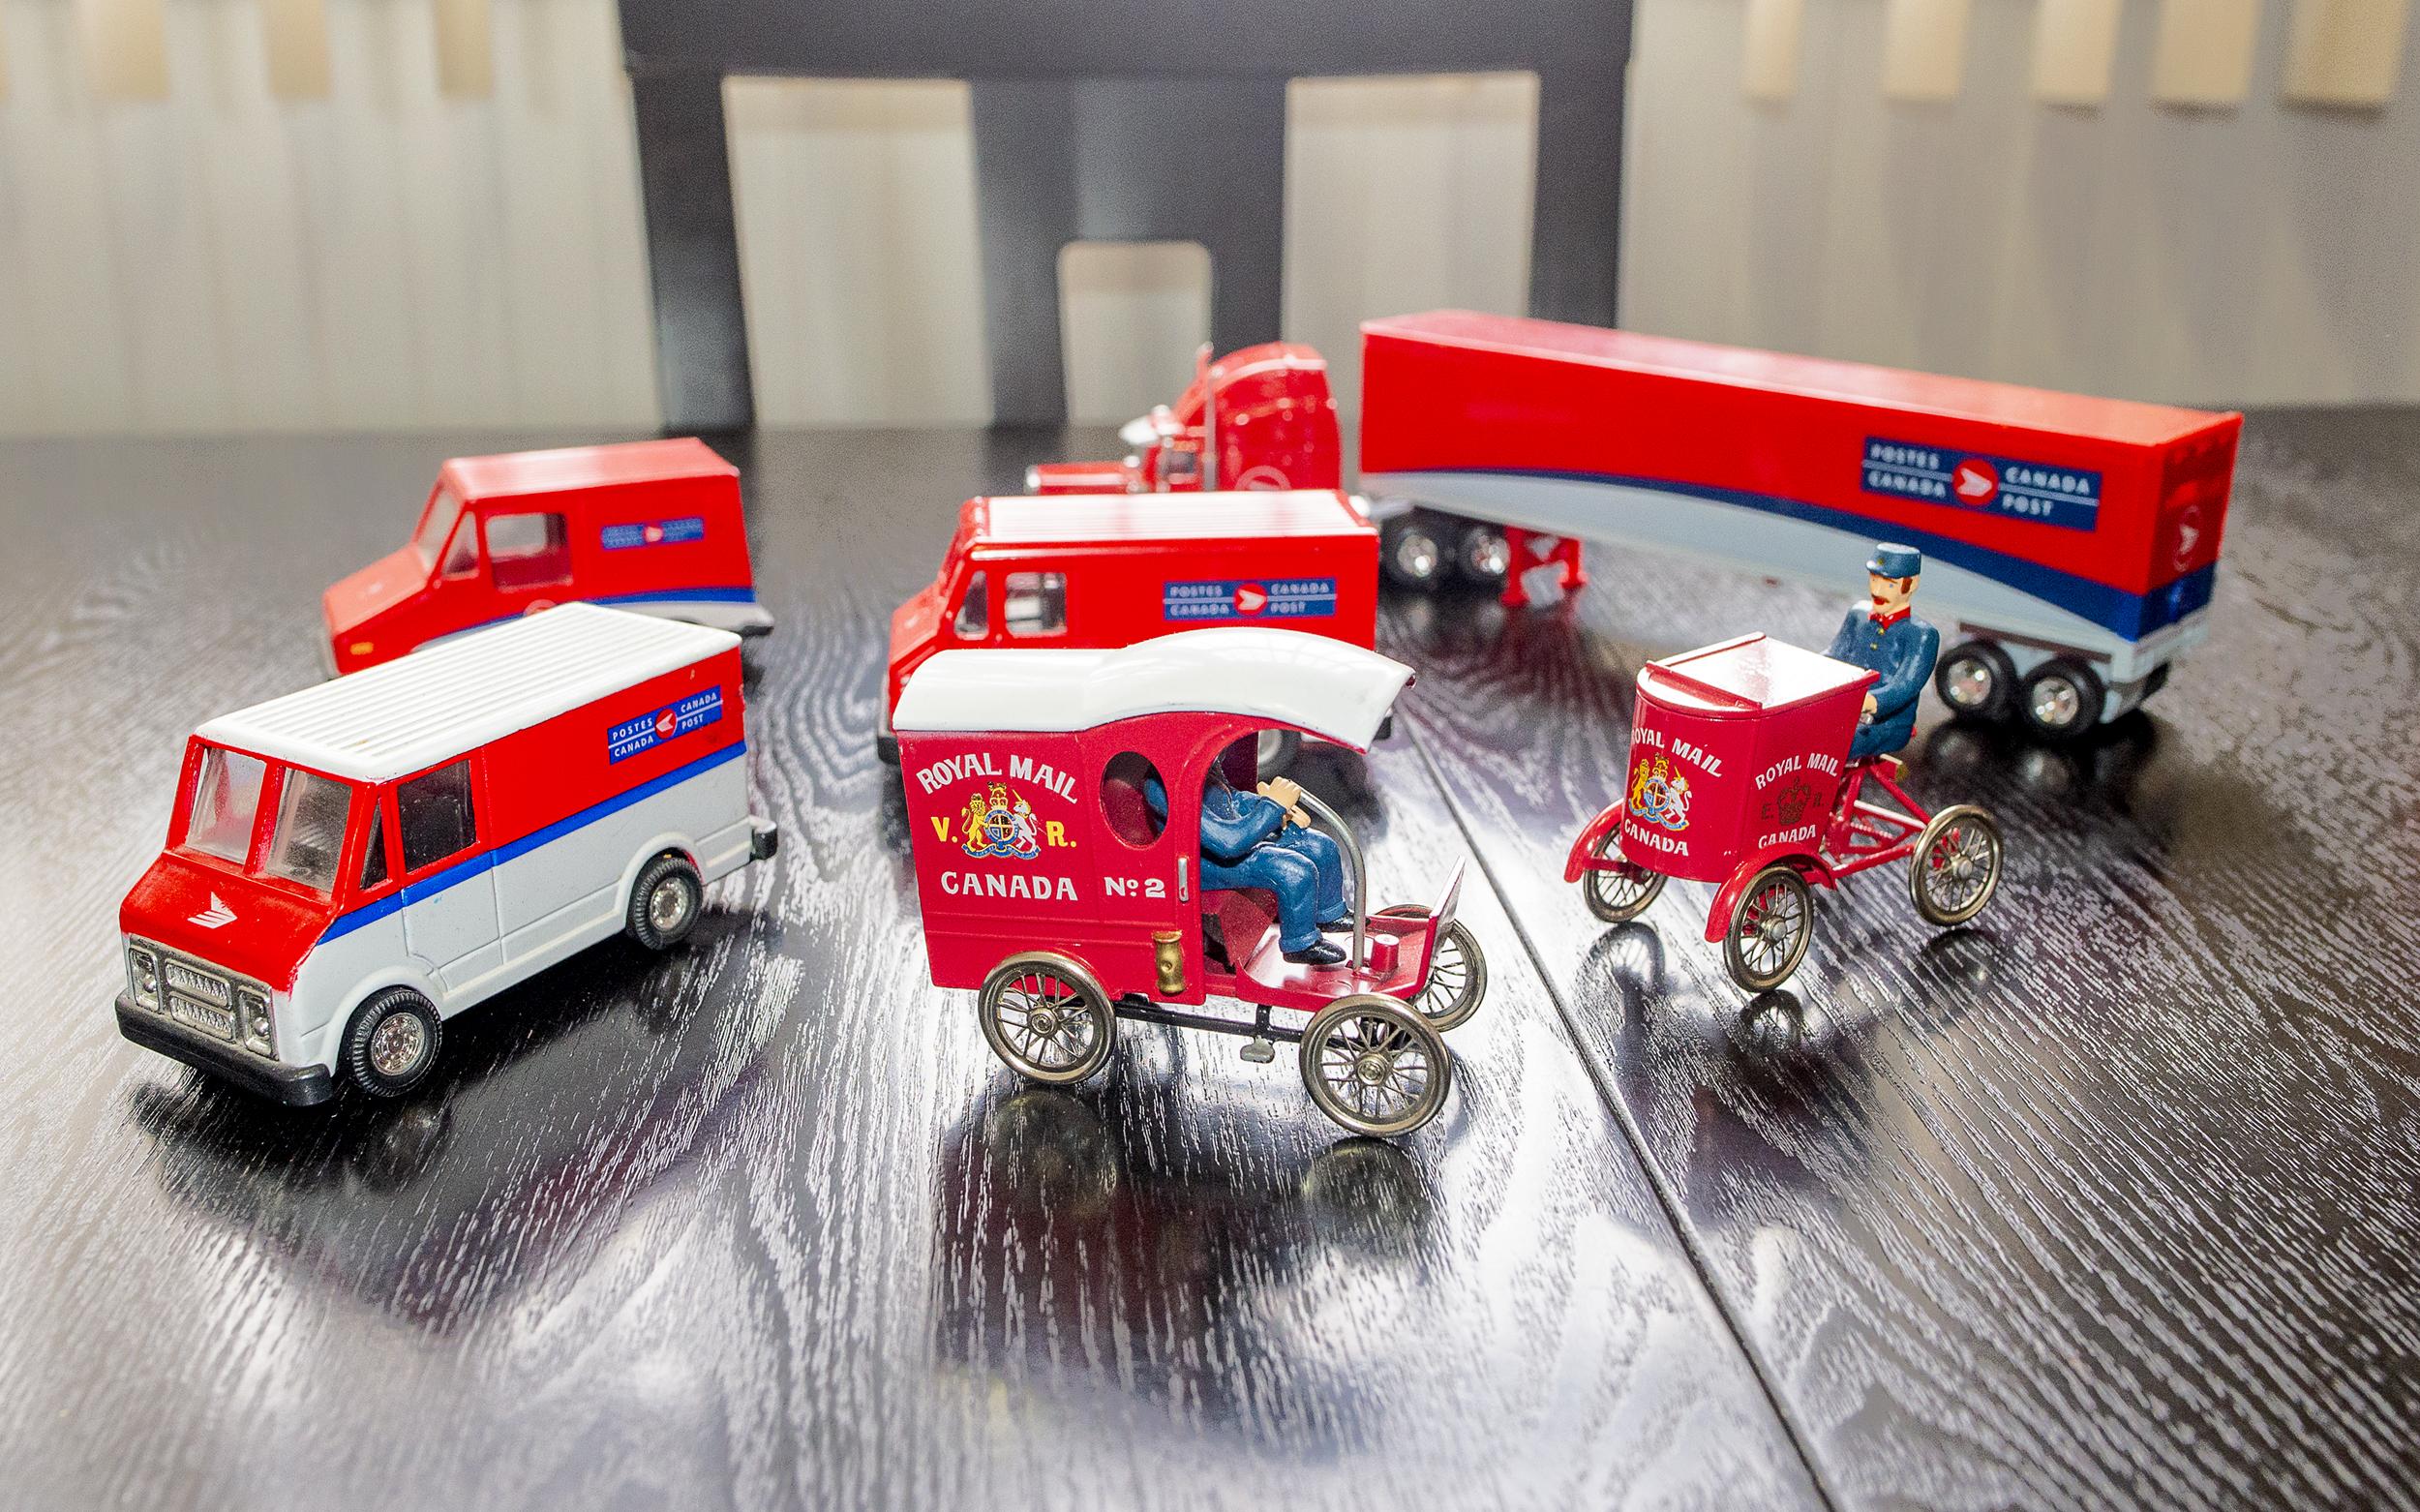 Les bureaux de Postes Canada et son service de livraison et de cueillette s'adaptent à la pandémie de la COVID-19.